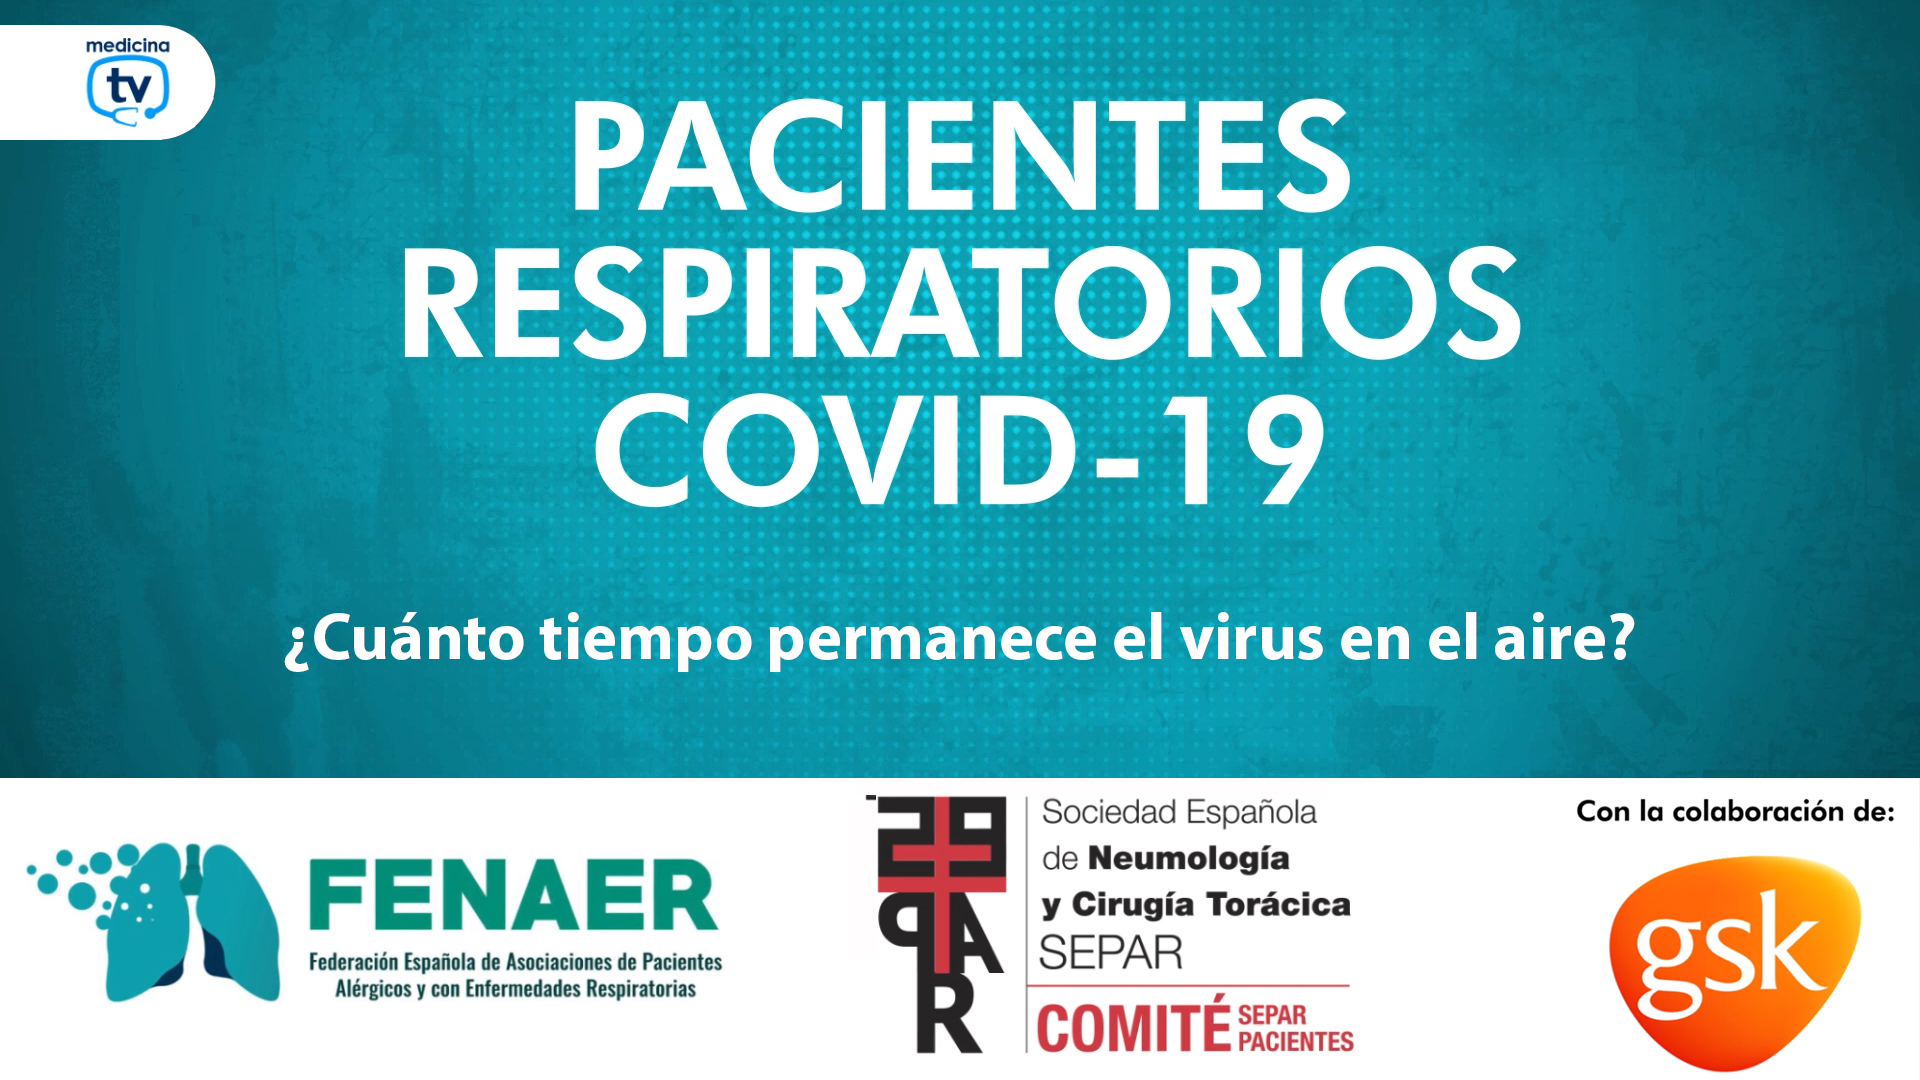 El nuevo coronavirus puede permanecer en el aire hasta tres horas cuando se generan aerosoles